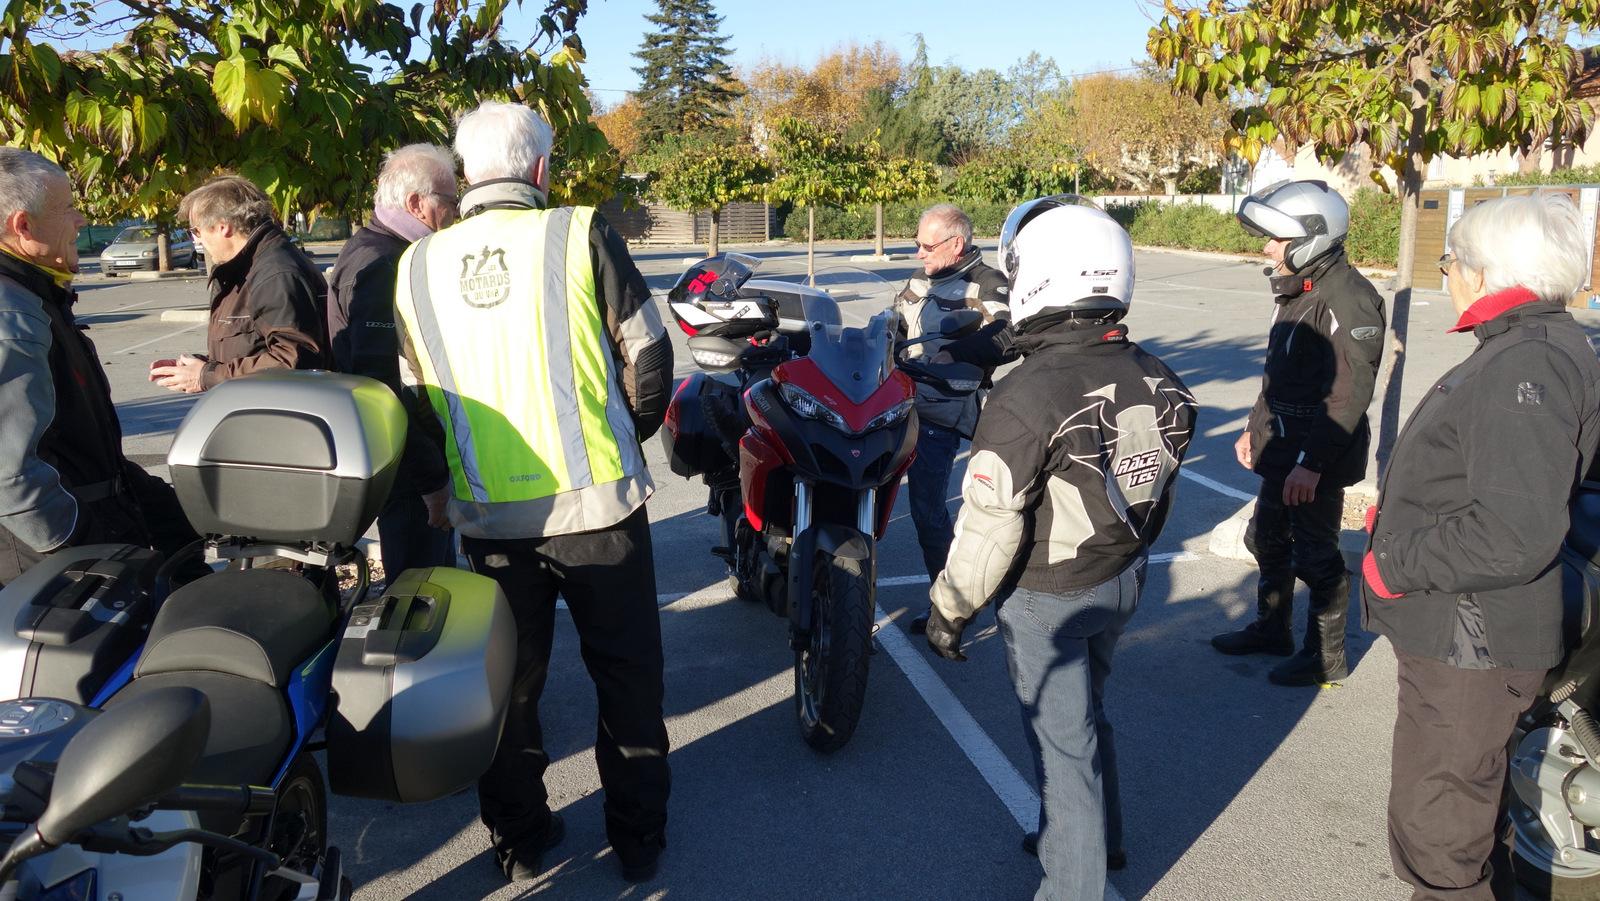 Michel et sa Ducati font le Buzz du jour !!!